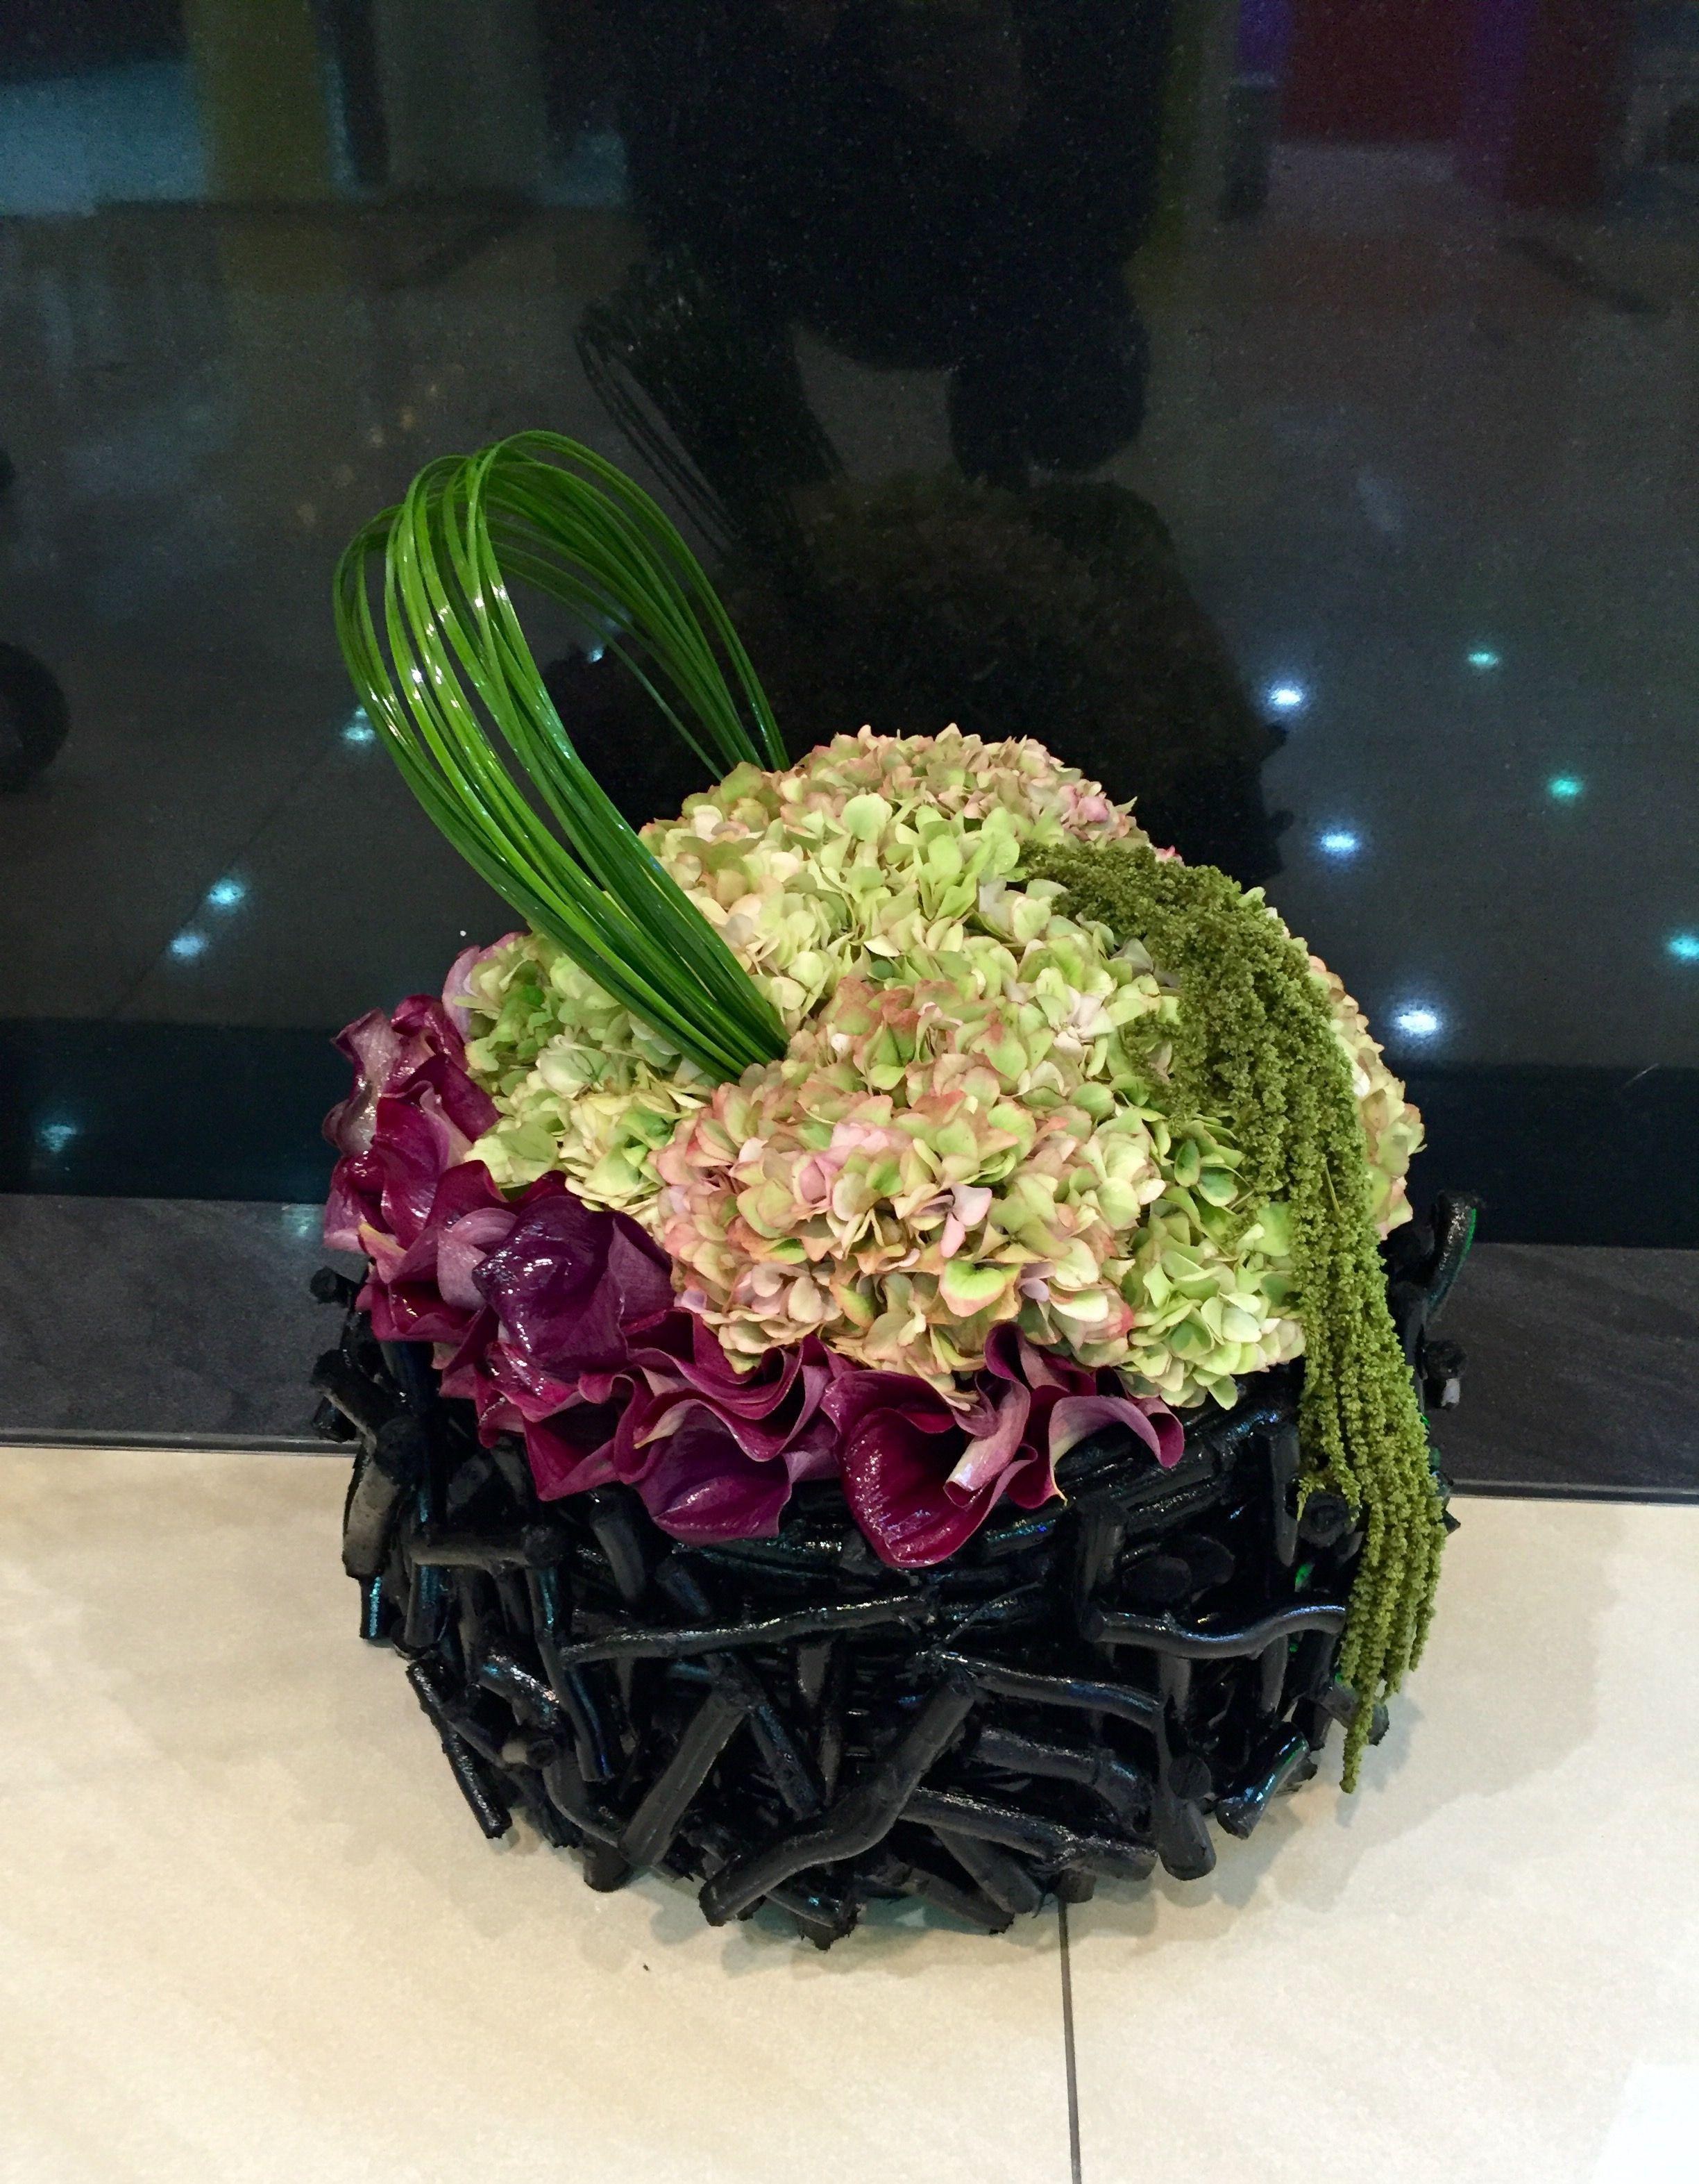 Flowers 花 デザイン, デザイン アイデア, アイデア